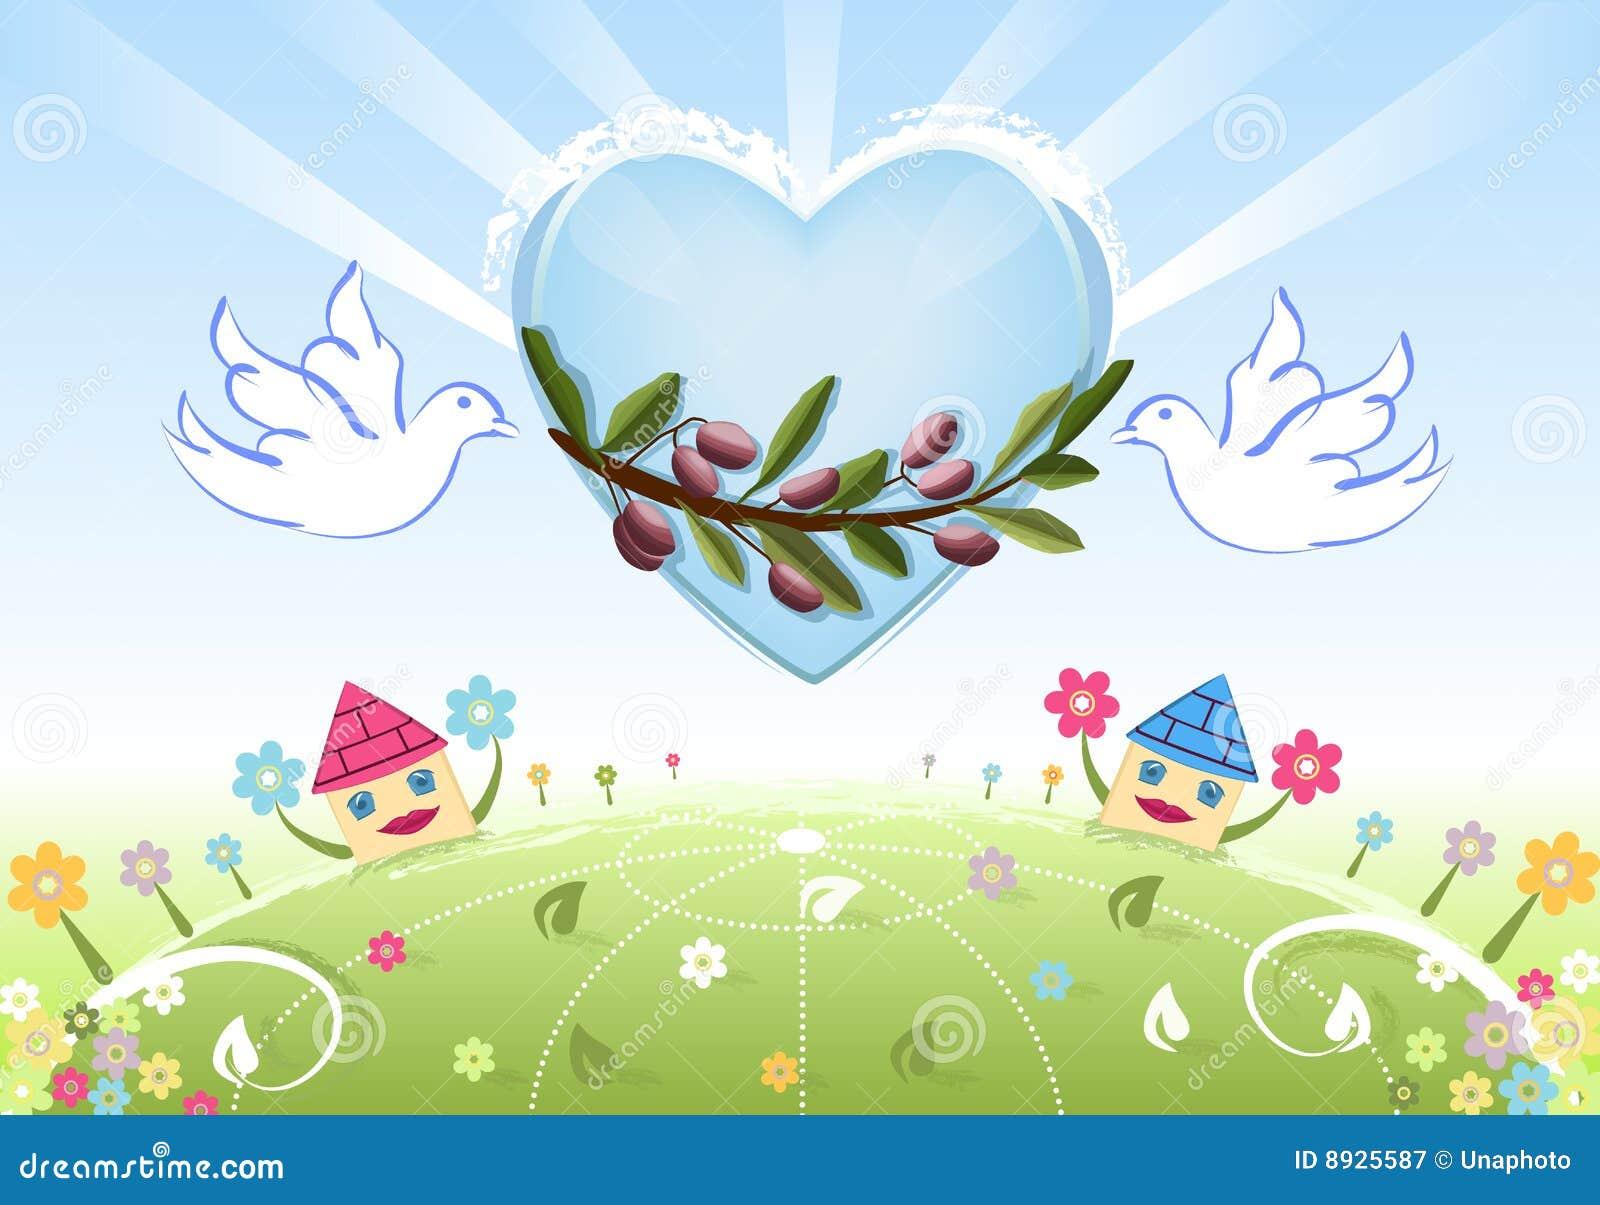 Amore E Pace Alla Terra Con Le Colombe Bianche Illustrazione